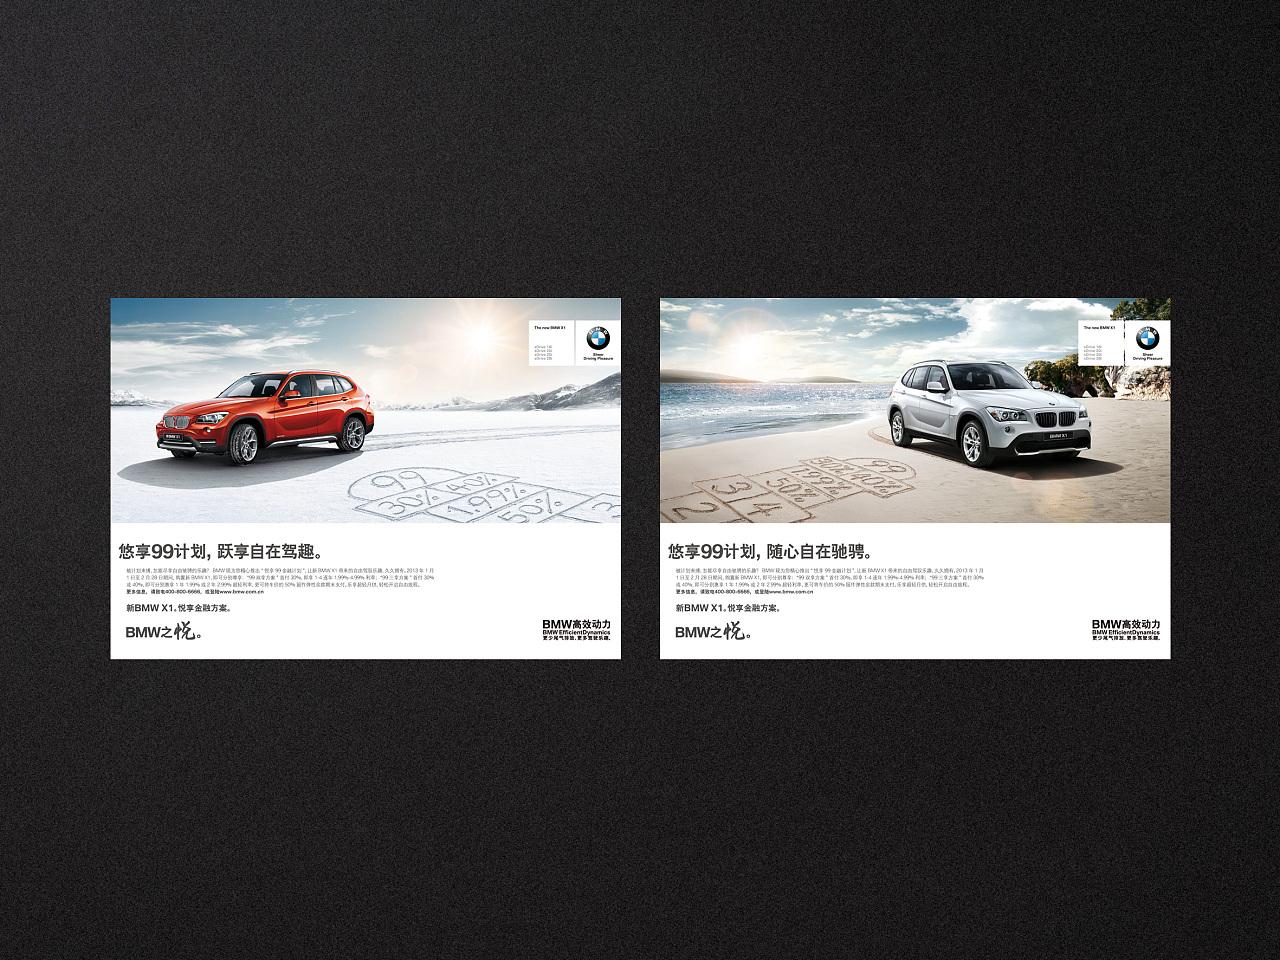 bmw品牌推广系列海报及物料